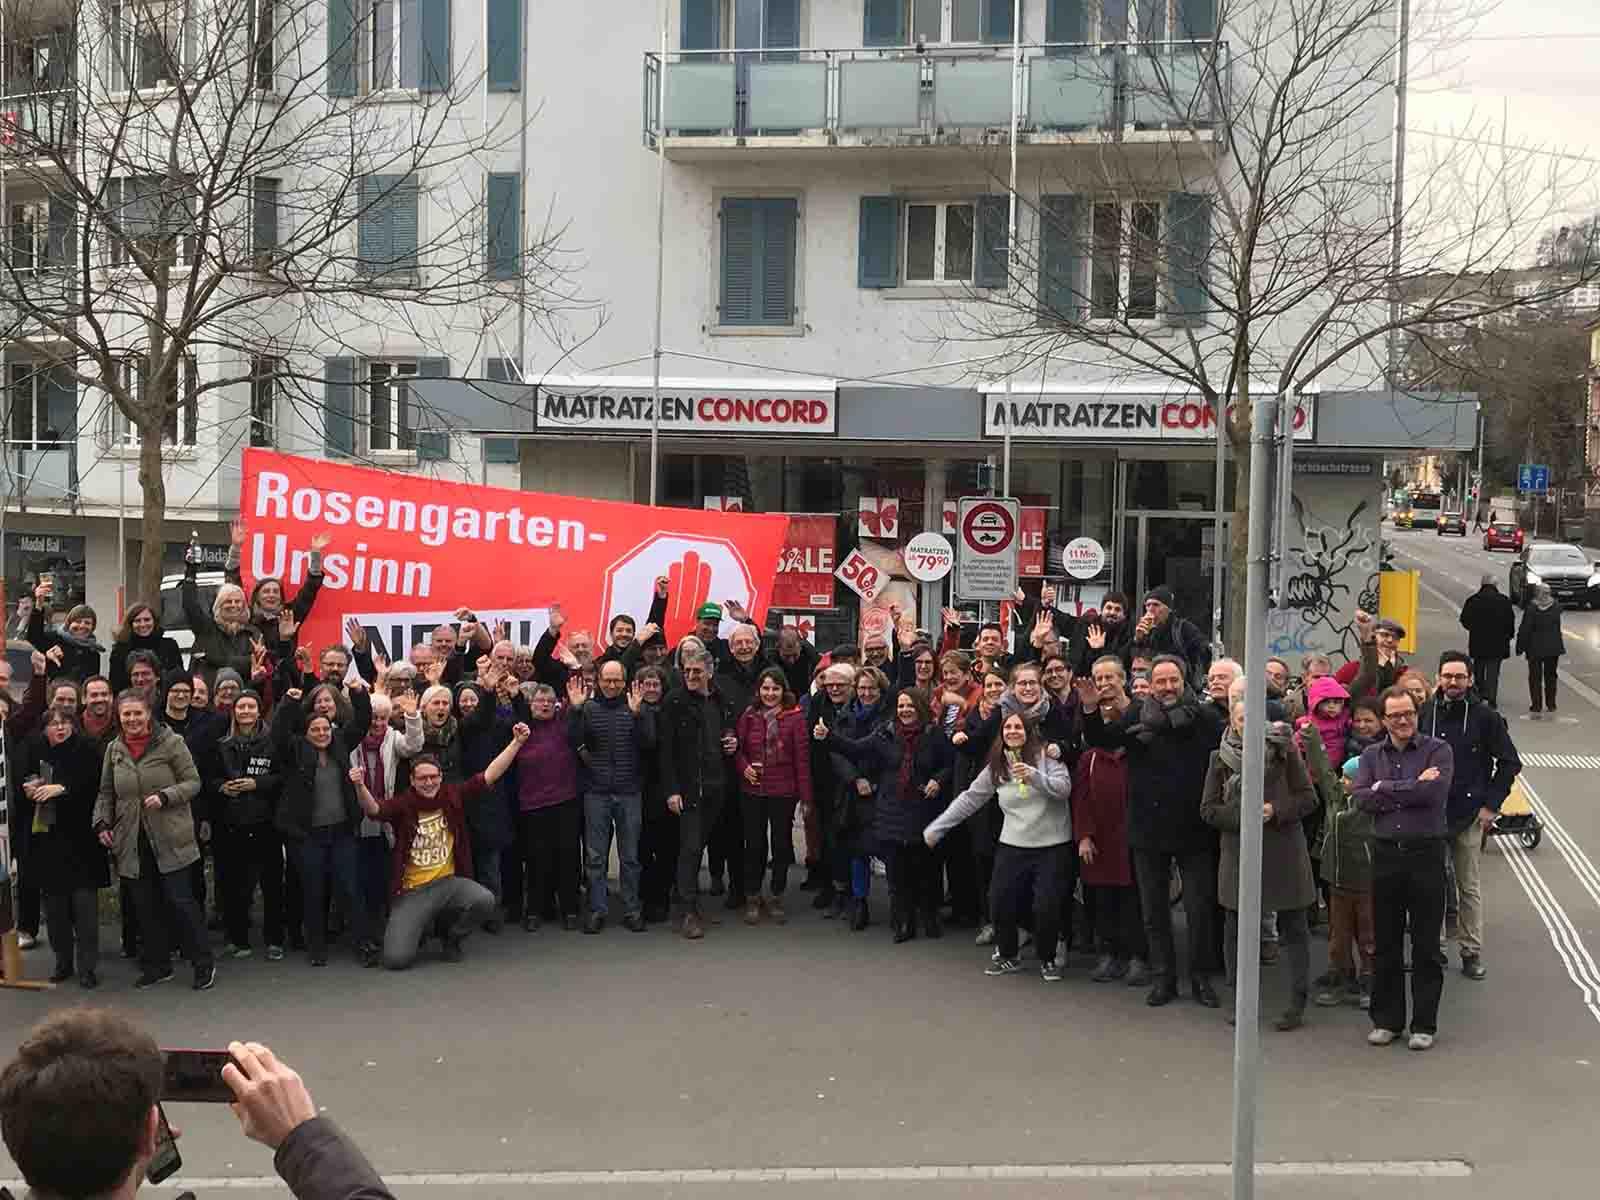 Der Erfolg hat viele Eltern und ein Zentrum: Simone Brander (Mitte) mit vielen Genossinen und Genossen von der SP 10. Dieser Sieg gehört dem Quartier, das innert kurzer Zeit so viele Menschen mobilisiert hat gegen das Rosengartenprojekt.